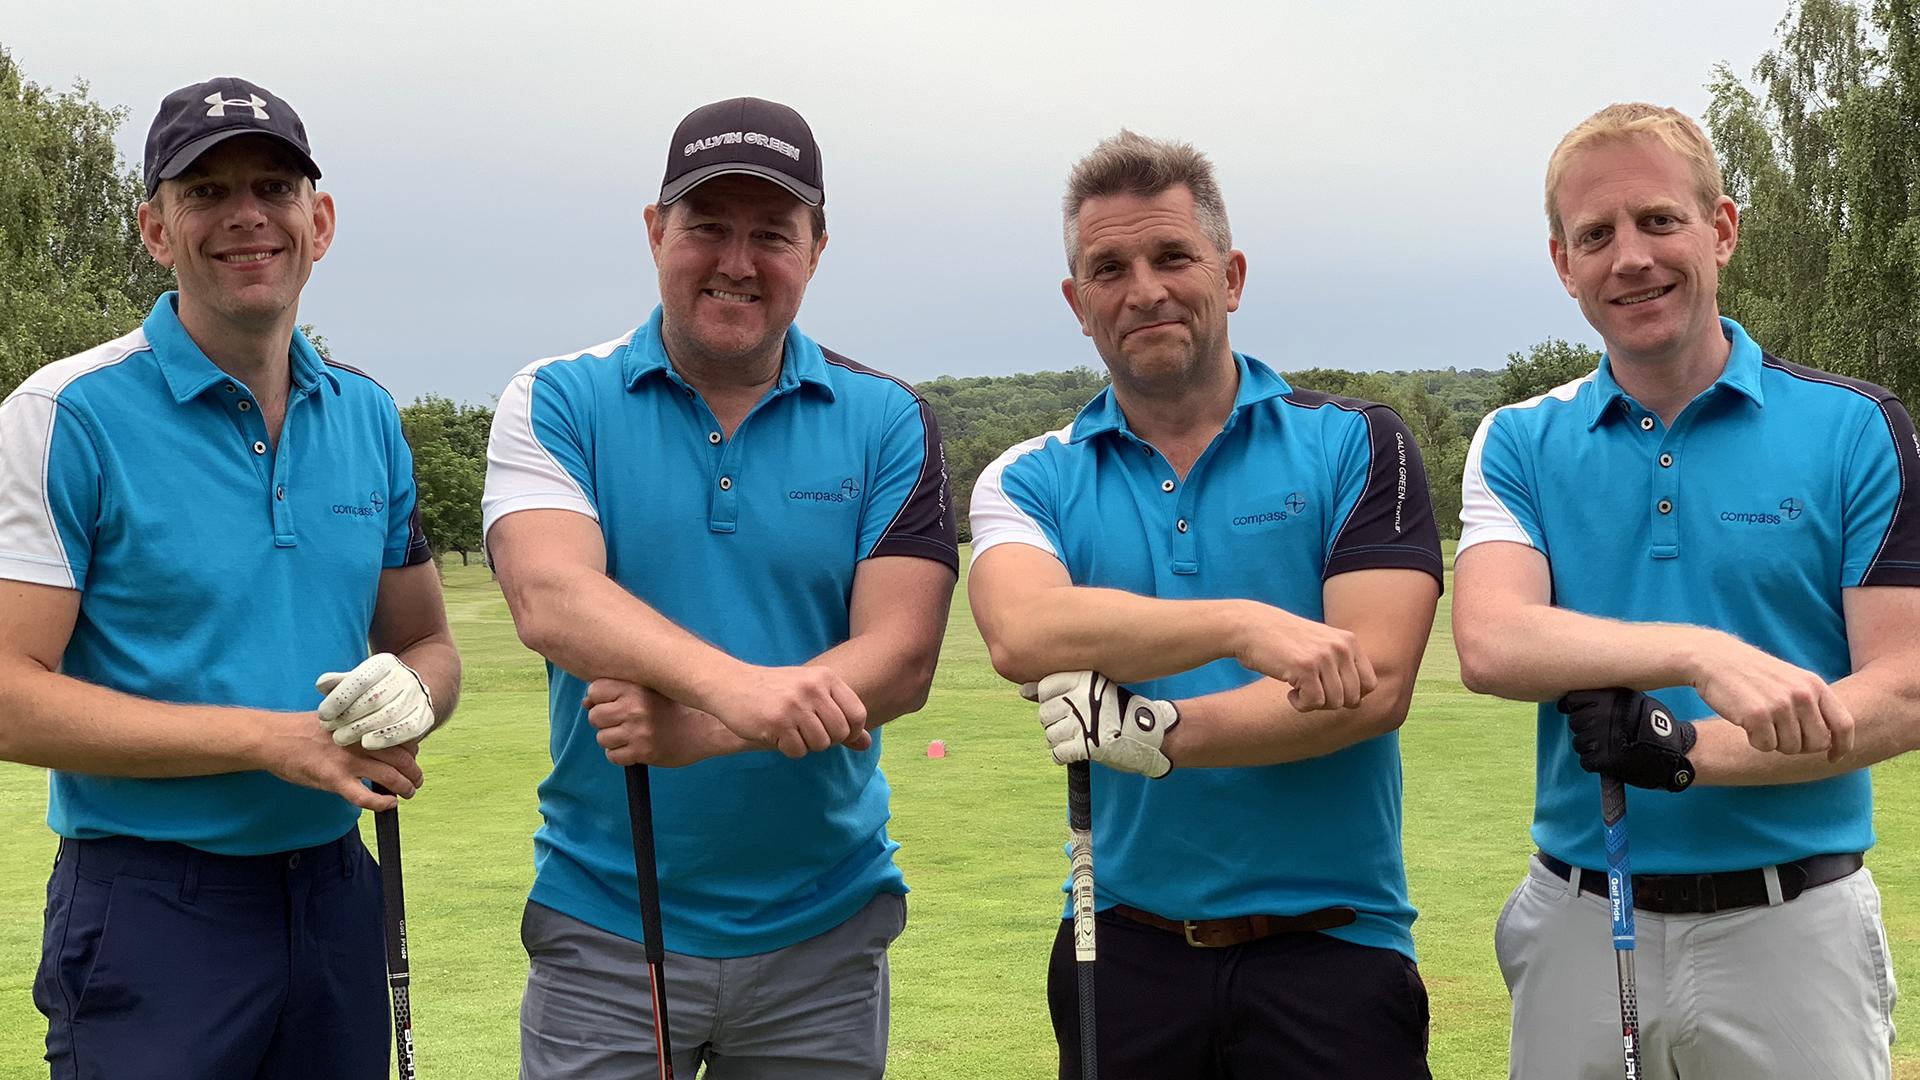 Mark, Danny, David & Mark with Golf Clubs